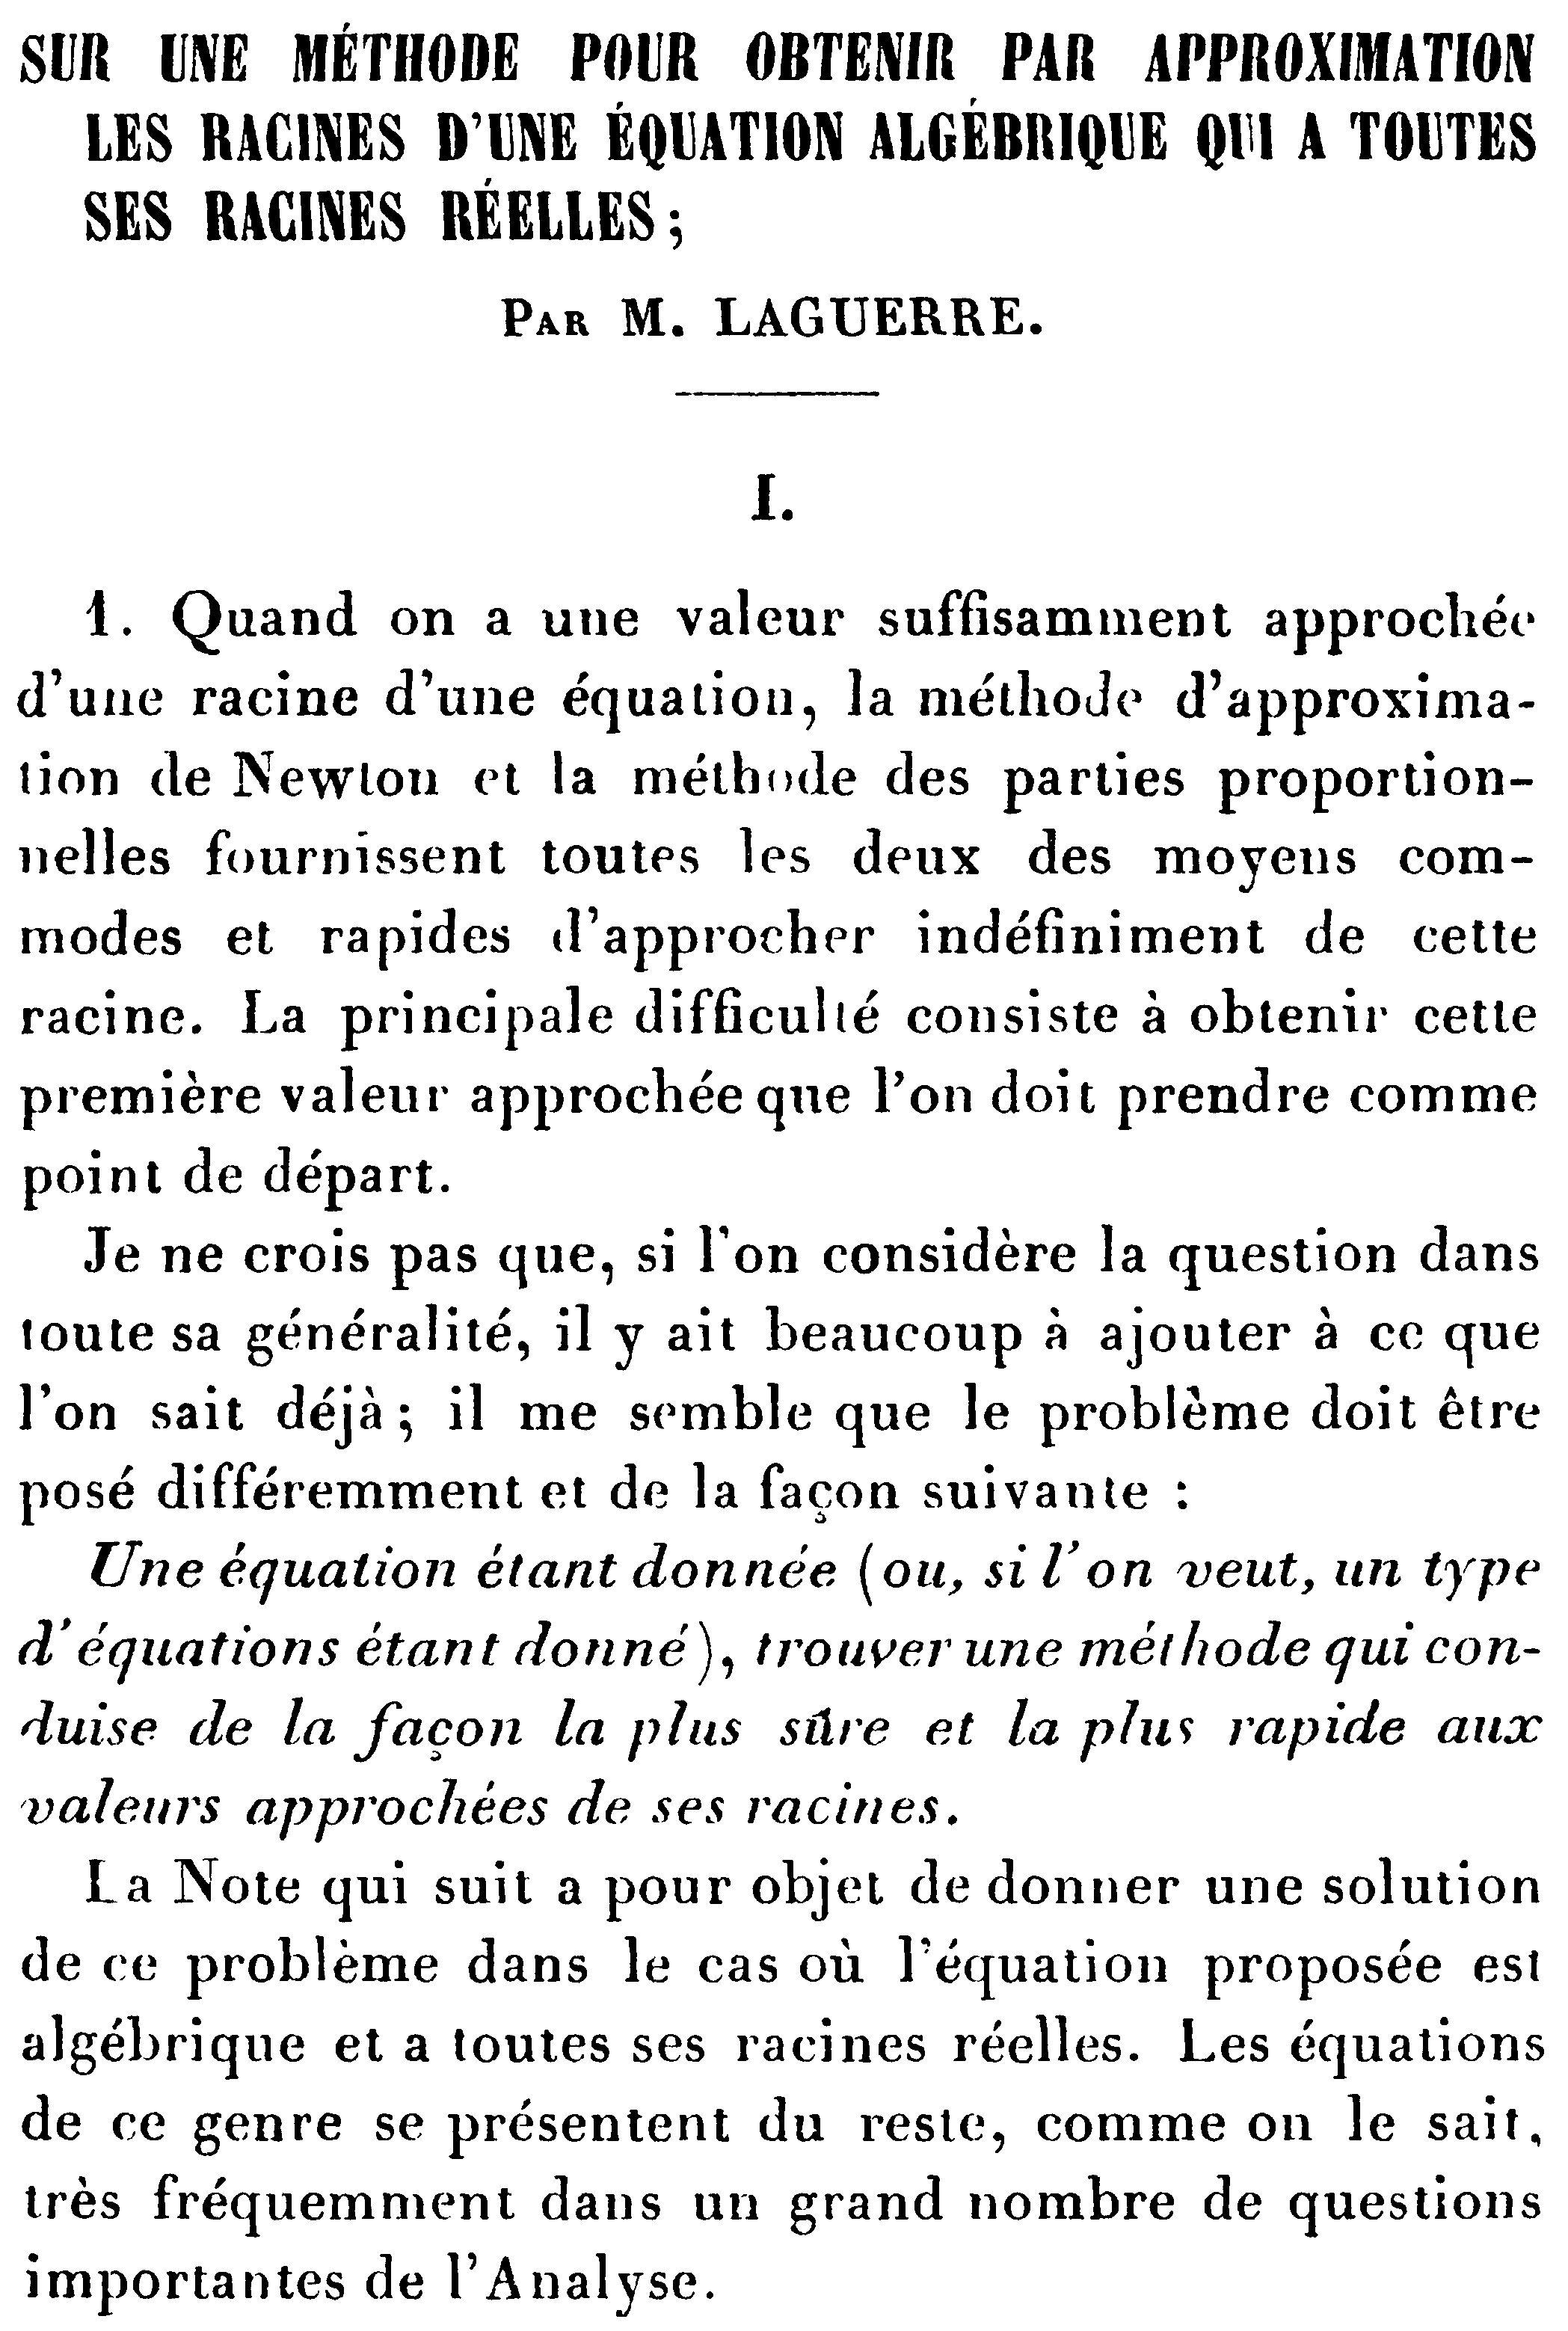 M. Laguerre: Über eine Methode, um per Approximation die Lösungen einer algebraischen Gleichung zu finden, die nur relle Lösungen hat